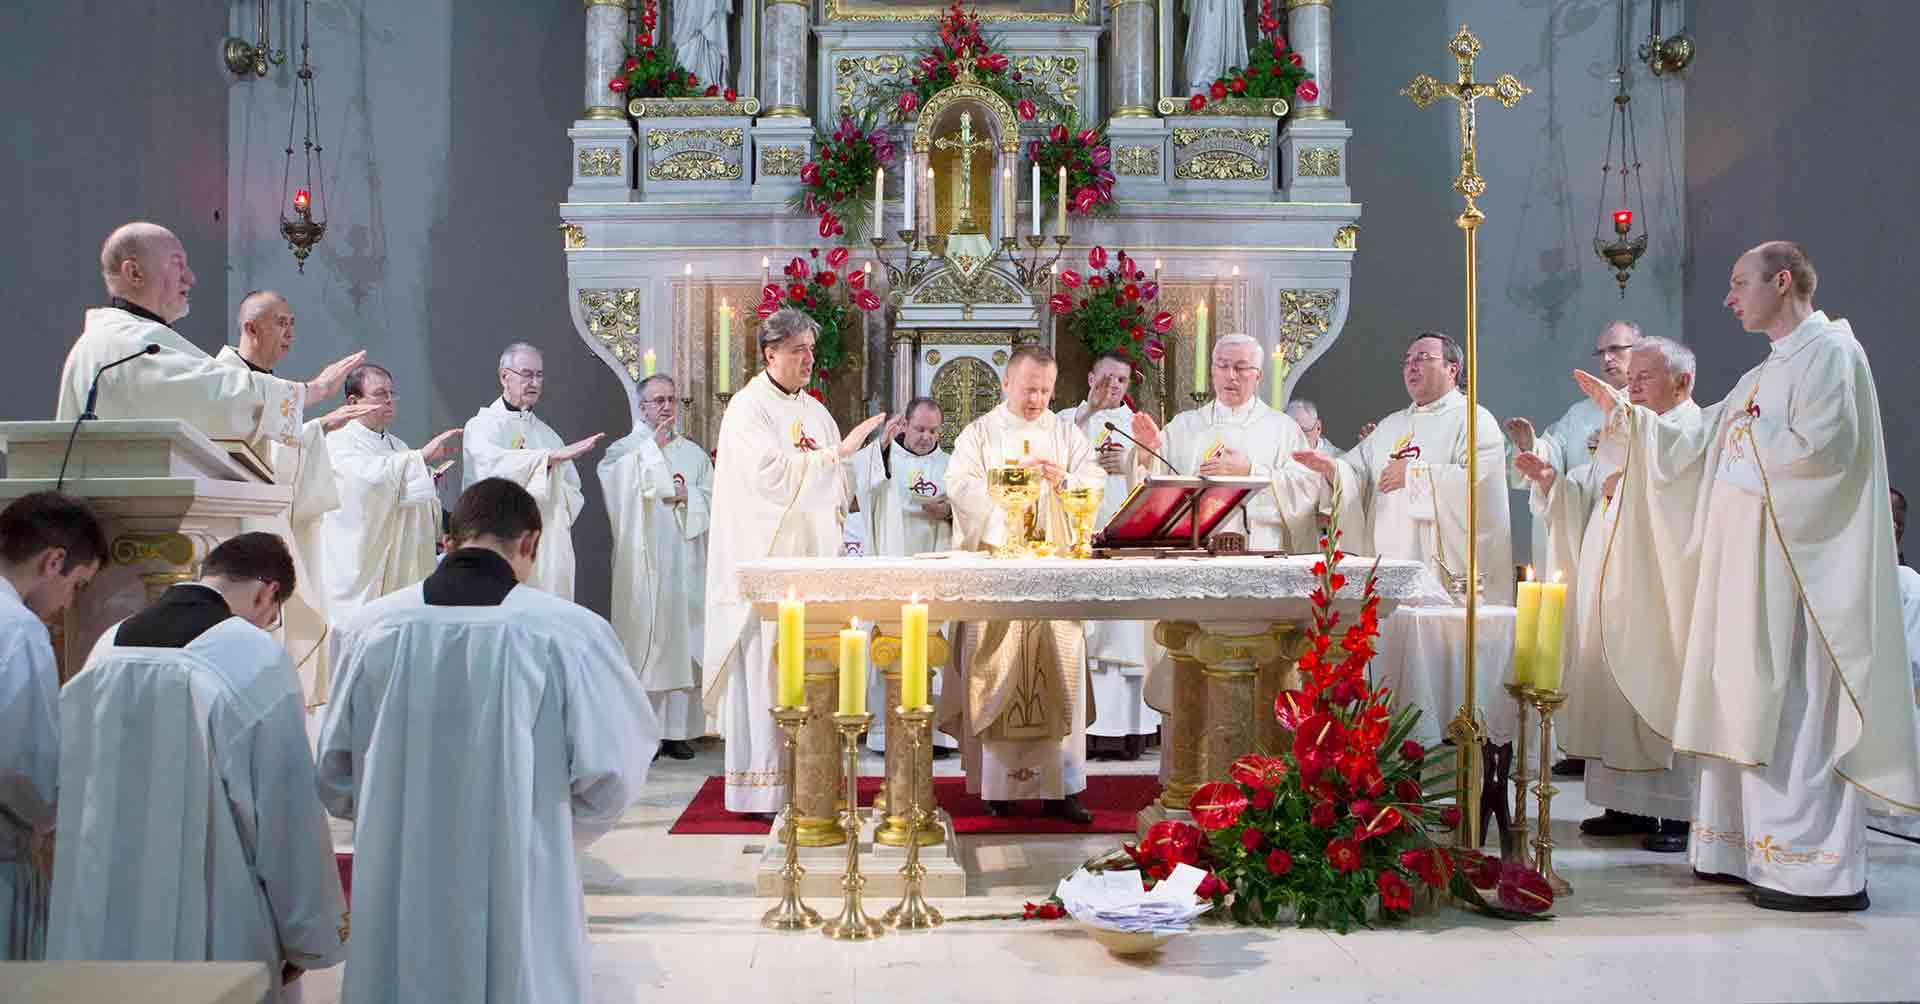 Bazilika Srca Isusova, Palmotićeva, Srce Isusovo, Pobožnost, Vjera, molitva,, Glasnik Srca Isuova i Marijina, Srce Isusovo, Srce Marijino, vjera, kršćanstvo, molitva, apostolat, olter bazilike Srca Isusova, pošalji molitvu, devetnica, srcu, isusovu, devetnica srca isusova, devetnica srcu isusovu